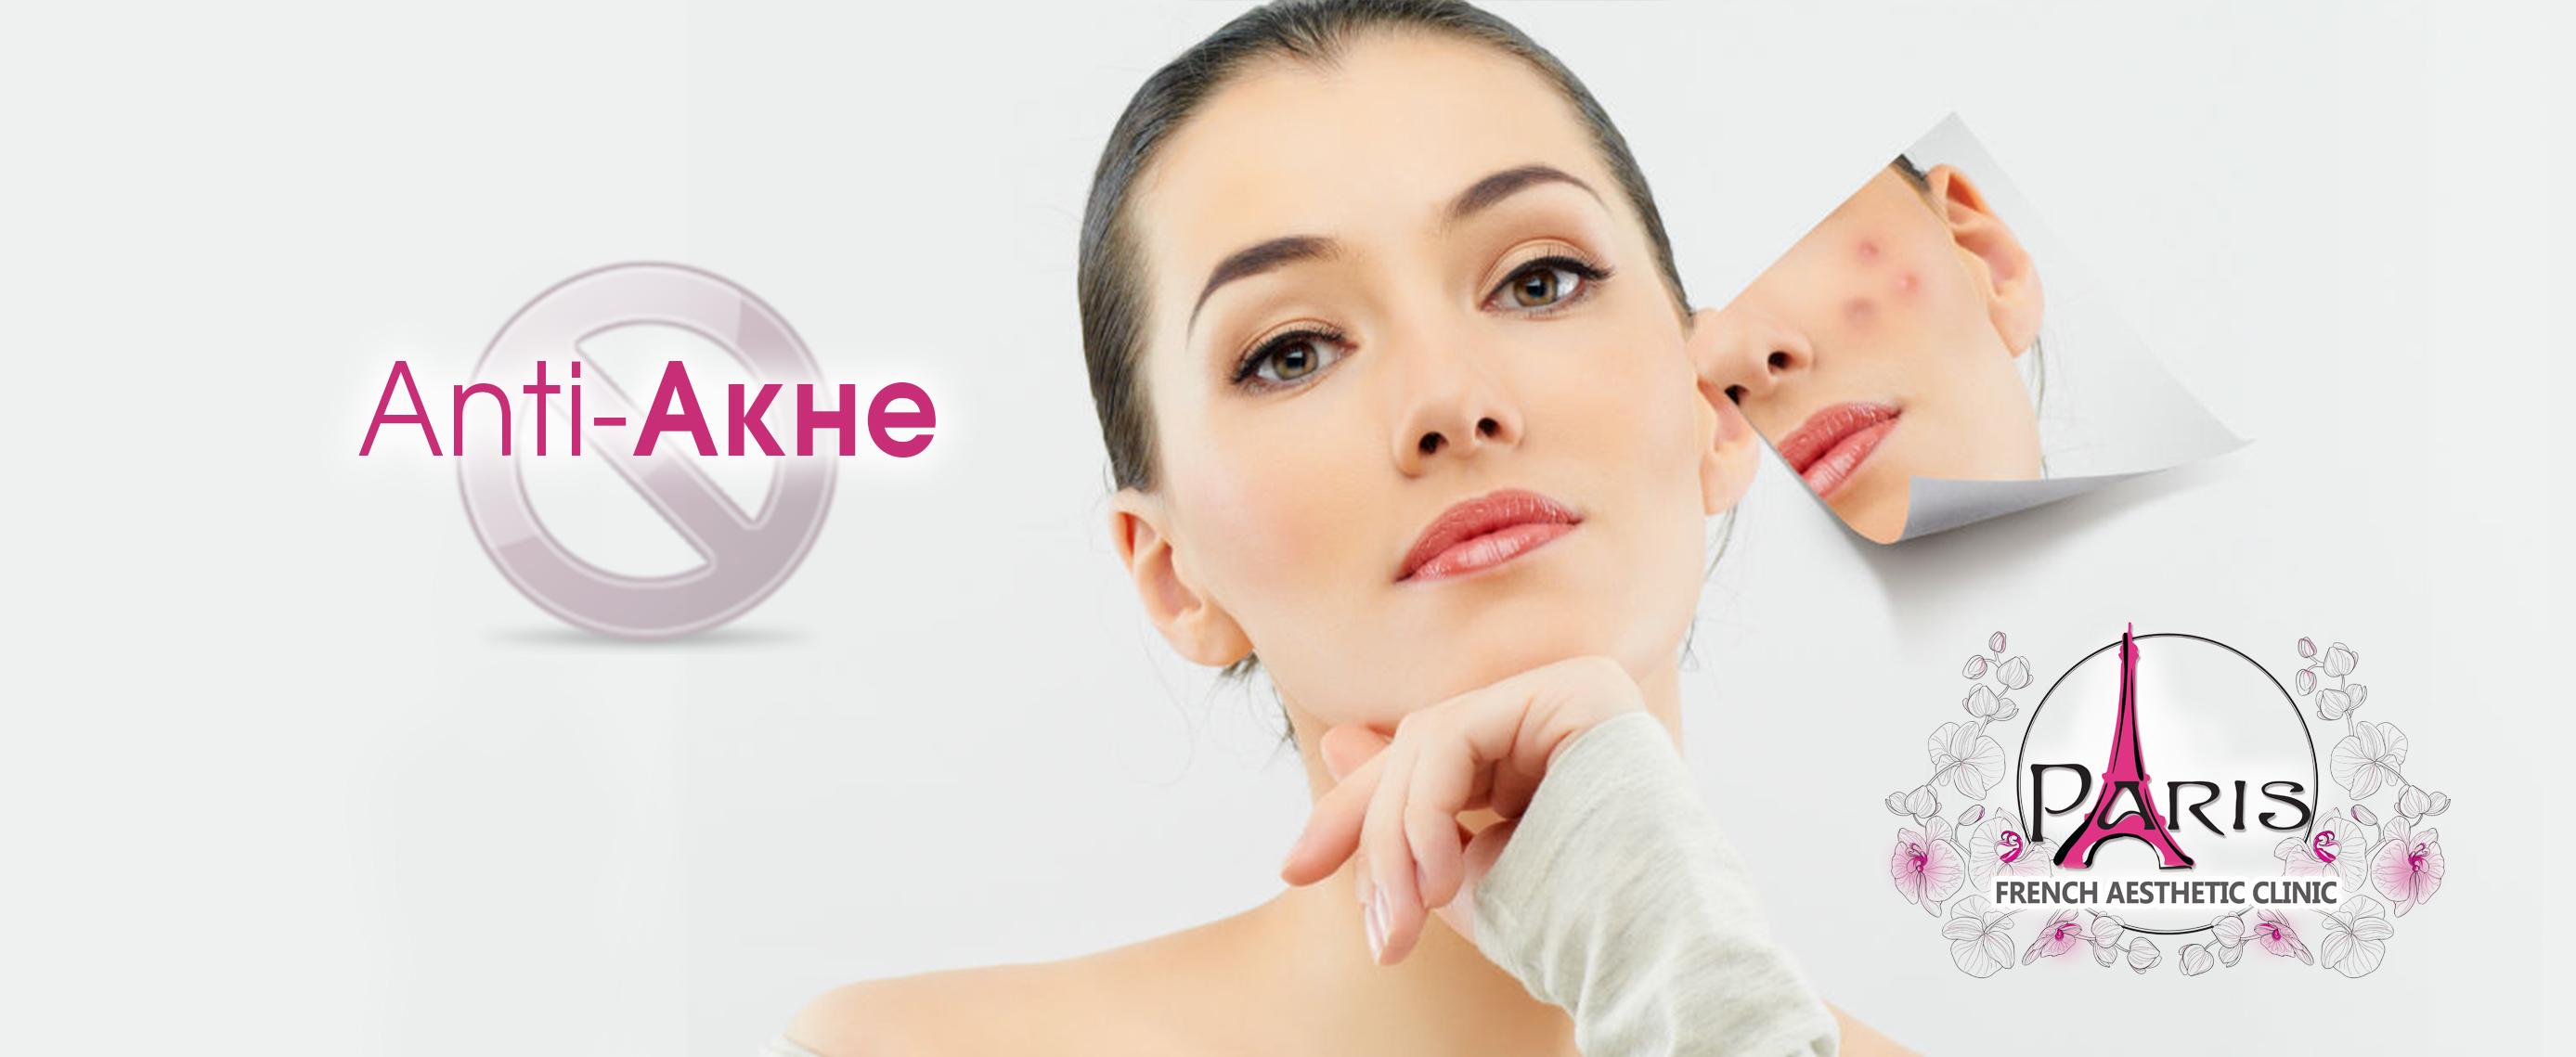 Най-ефикасната АНТИ-АКНЕ терапия. За гладка като коприна, красива кожа!